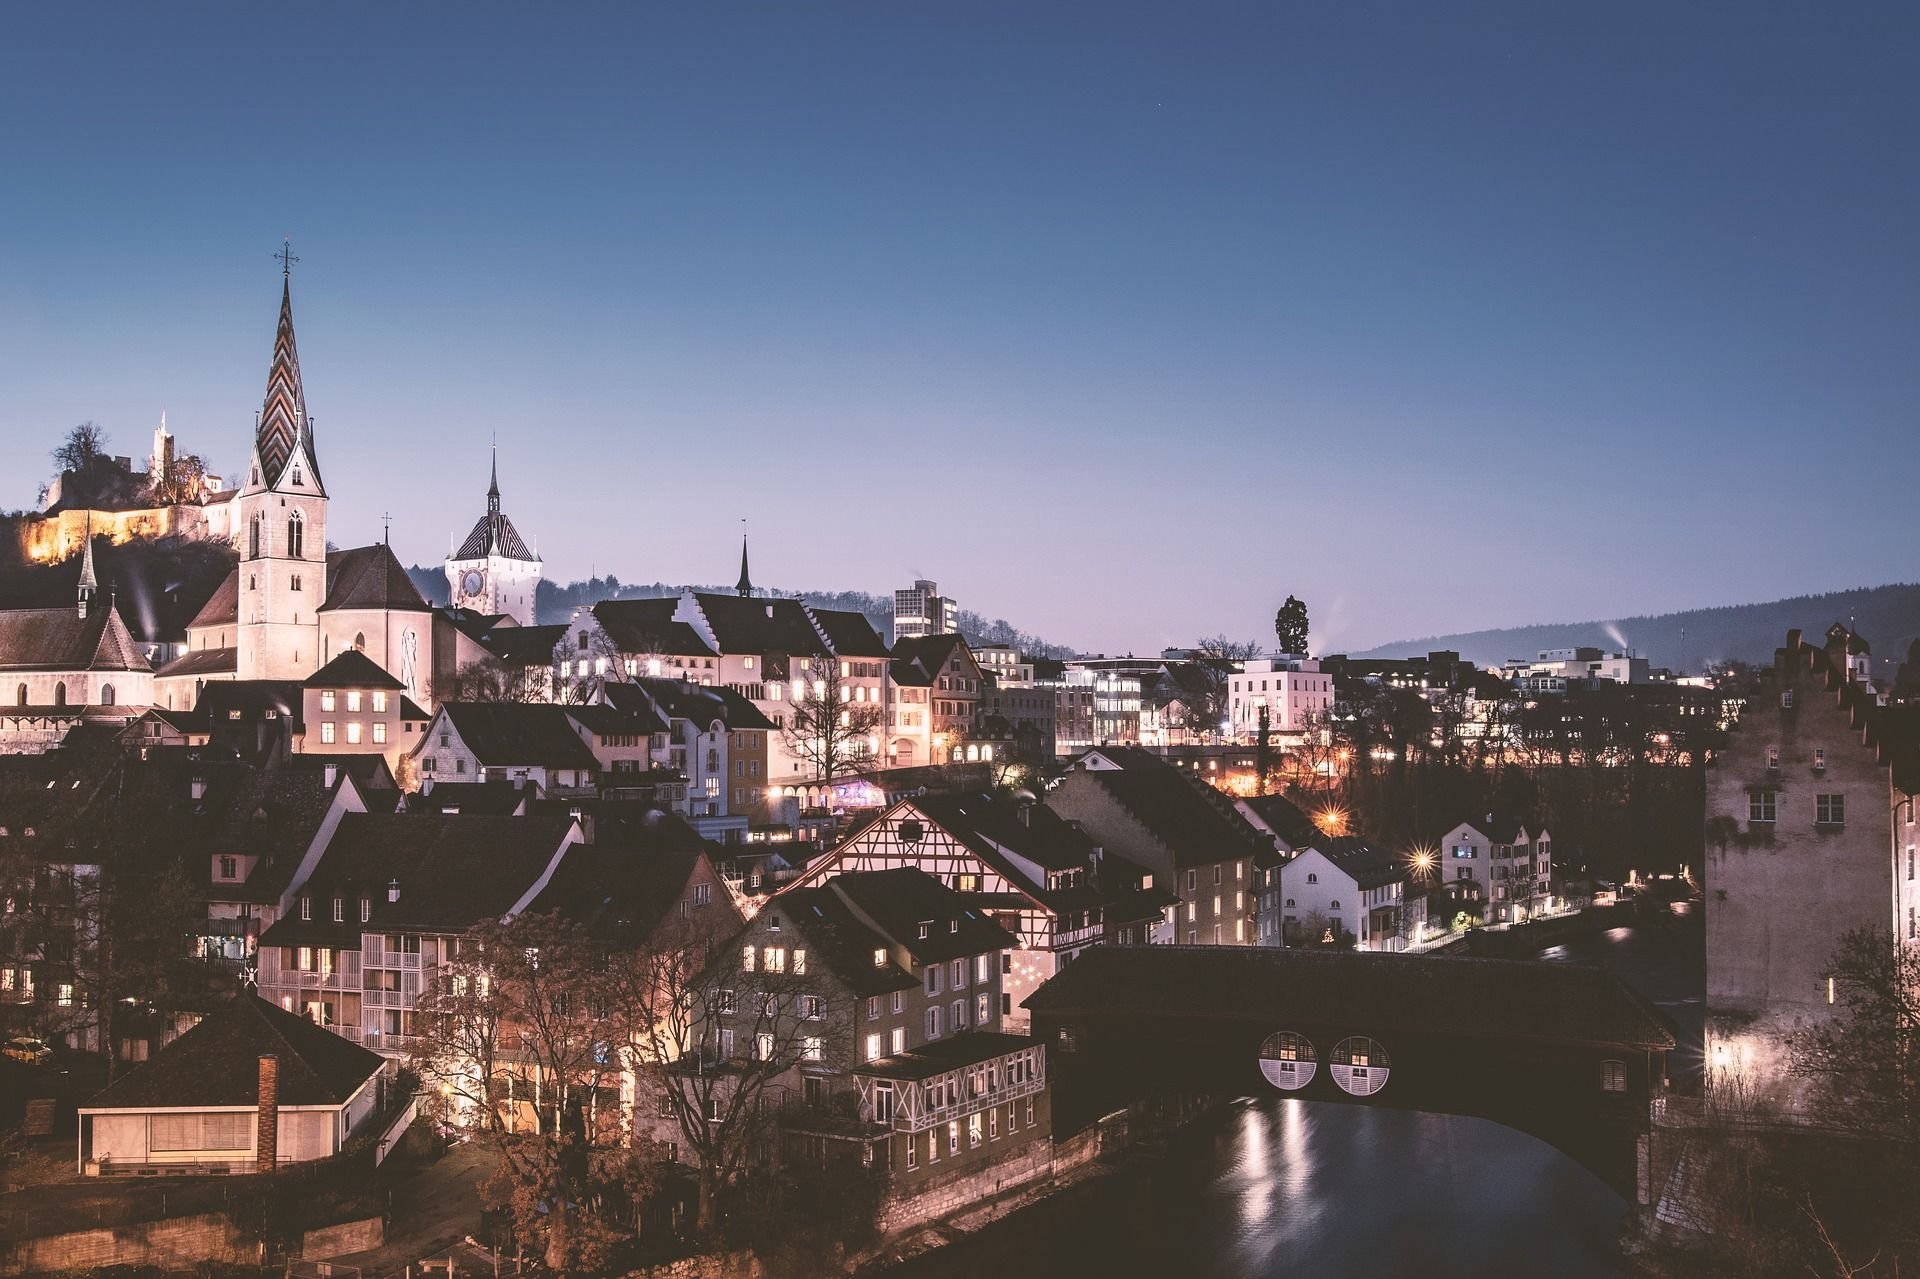 В Швейцарию идеально уехать на ПМЖ